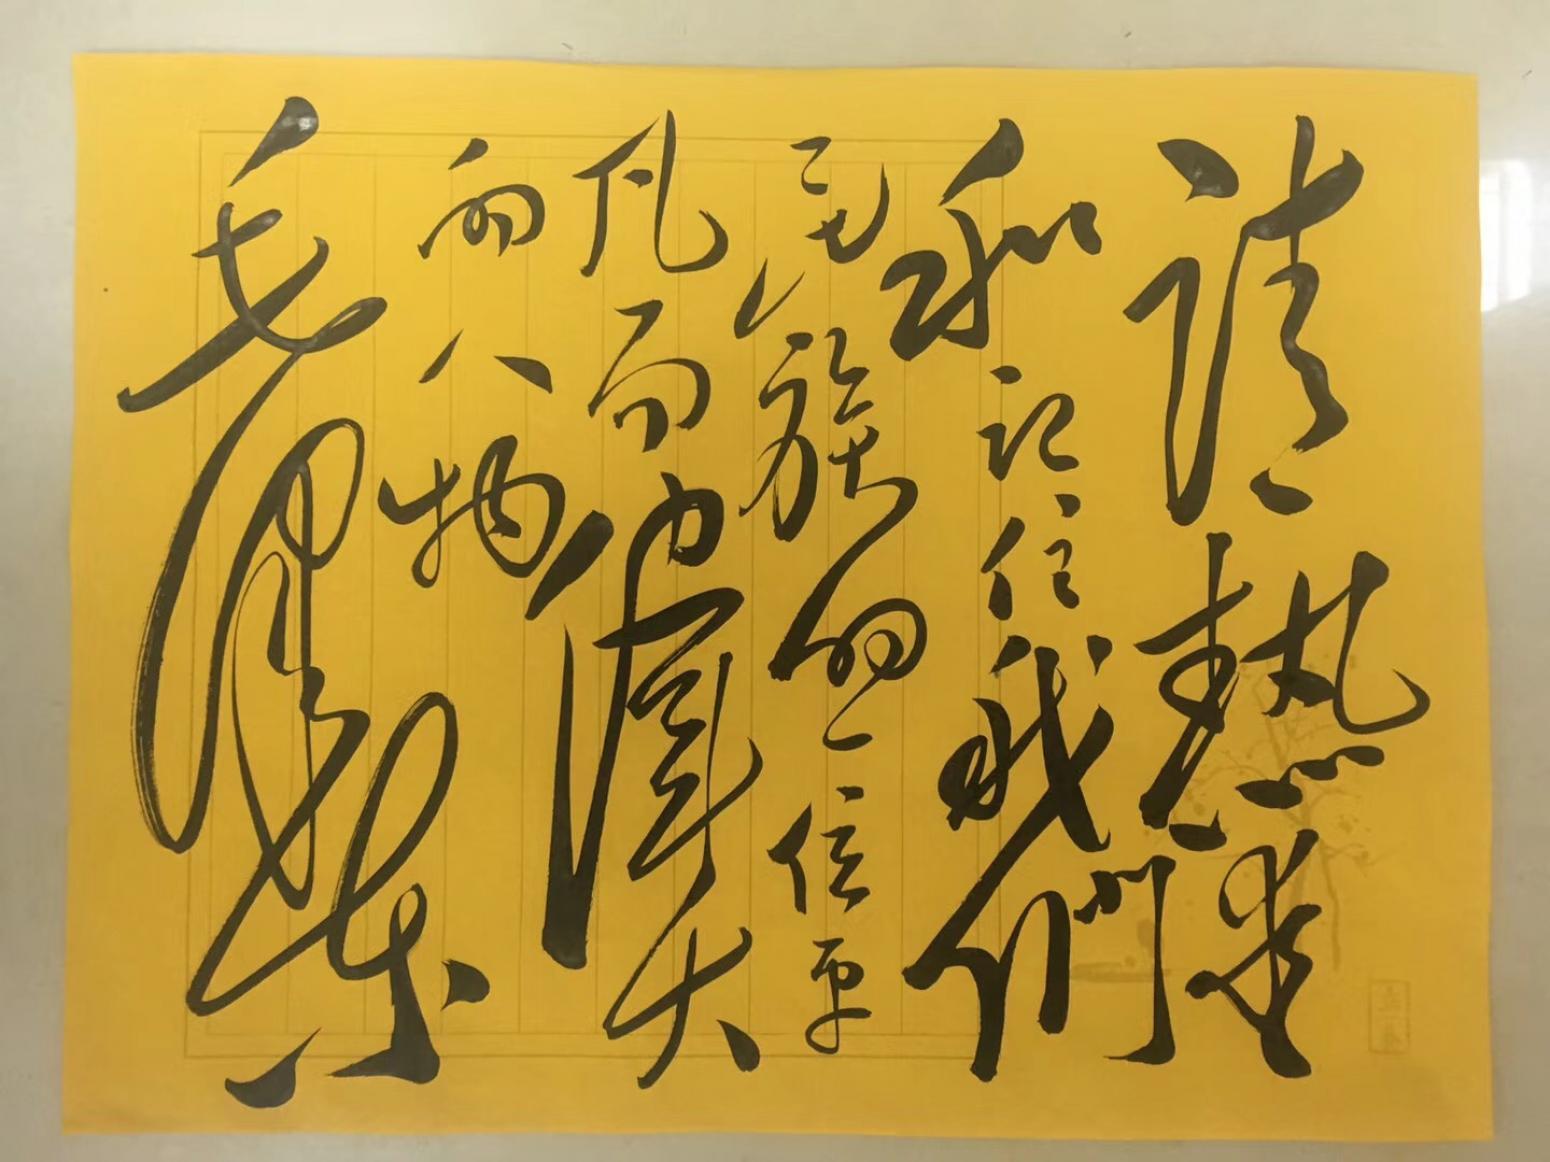 周鹏飞书法作品《纪念毛主席诞辰》